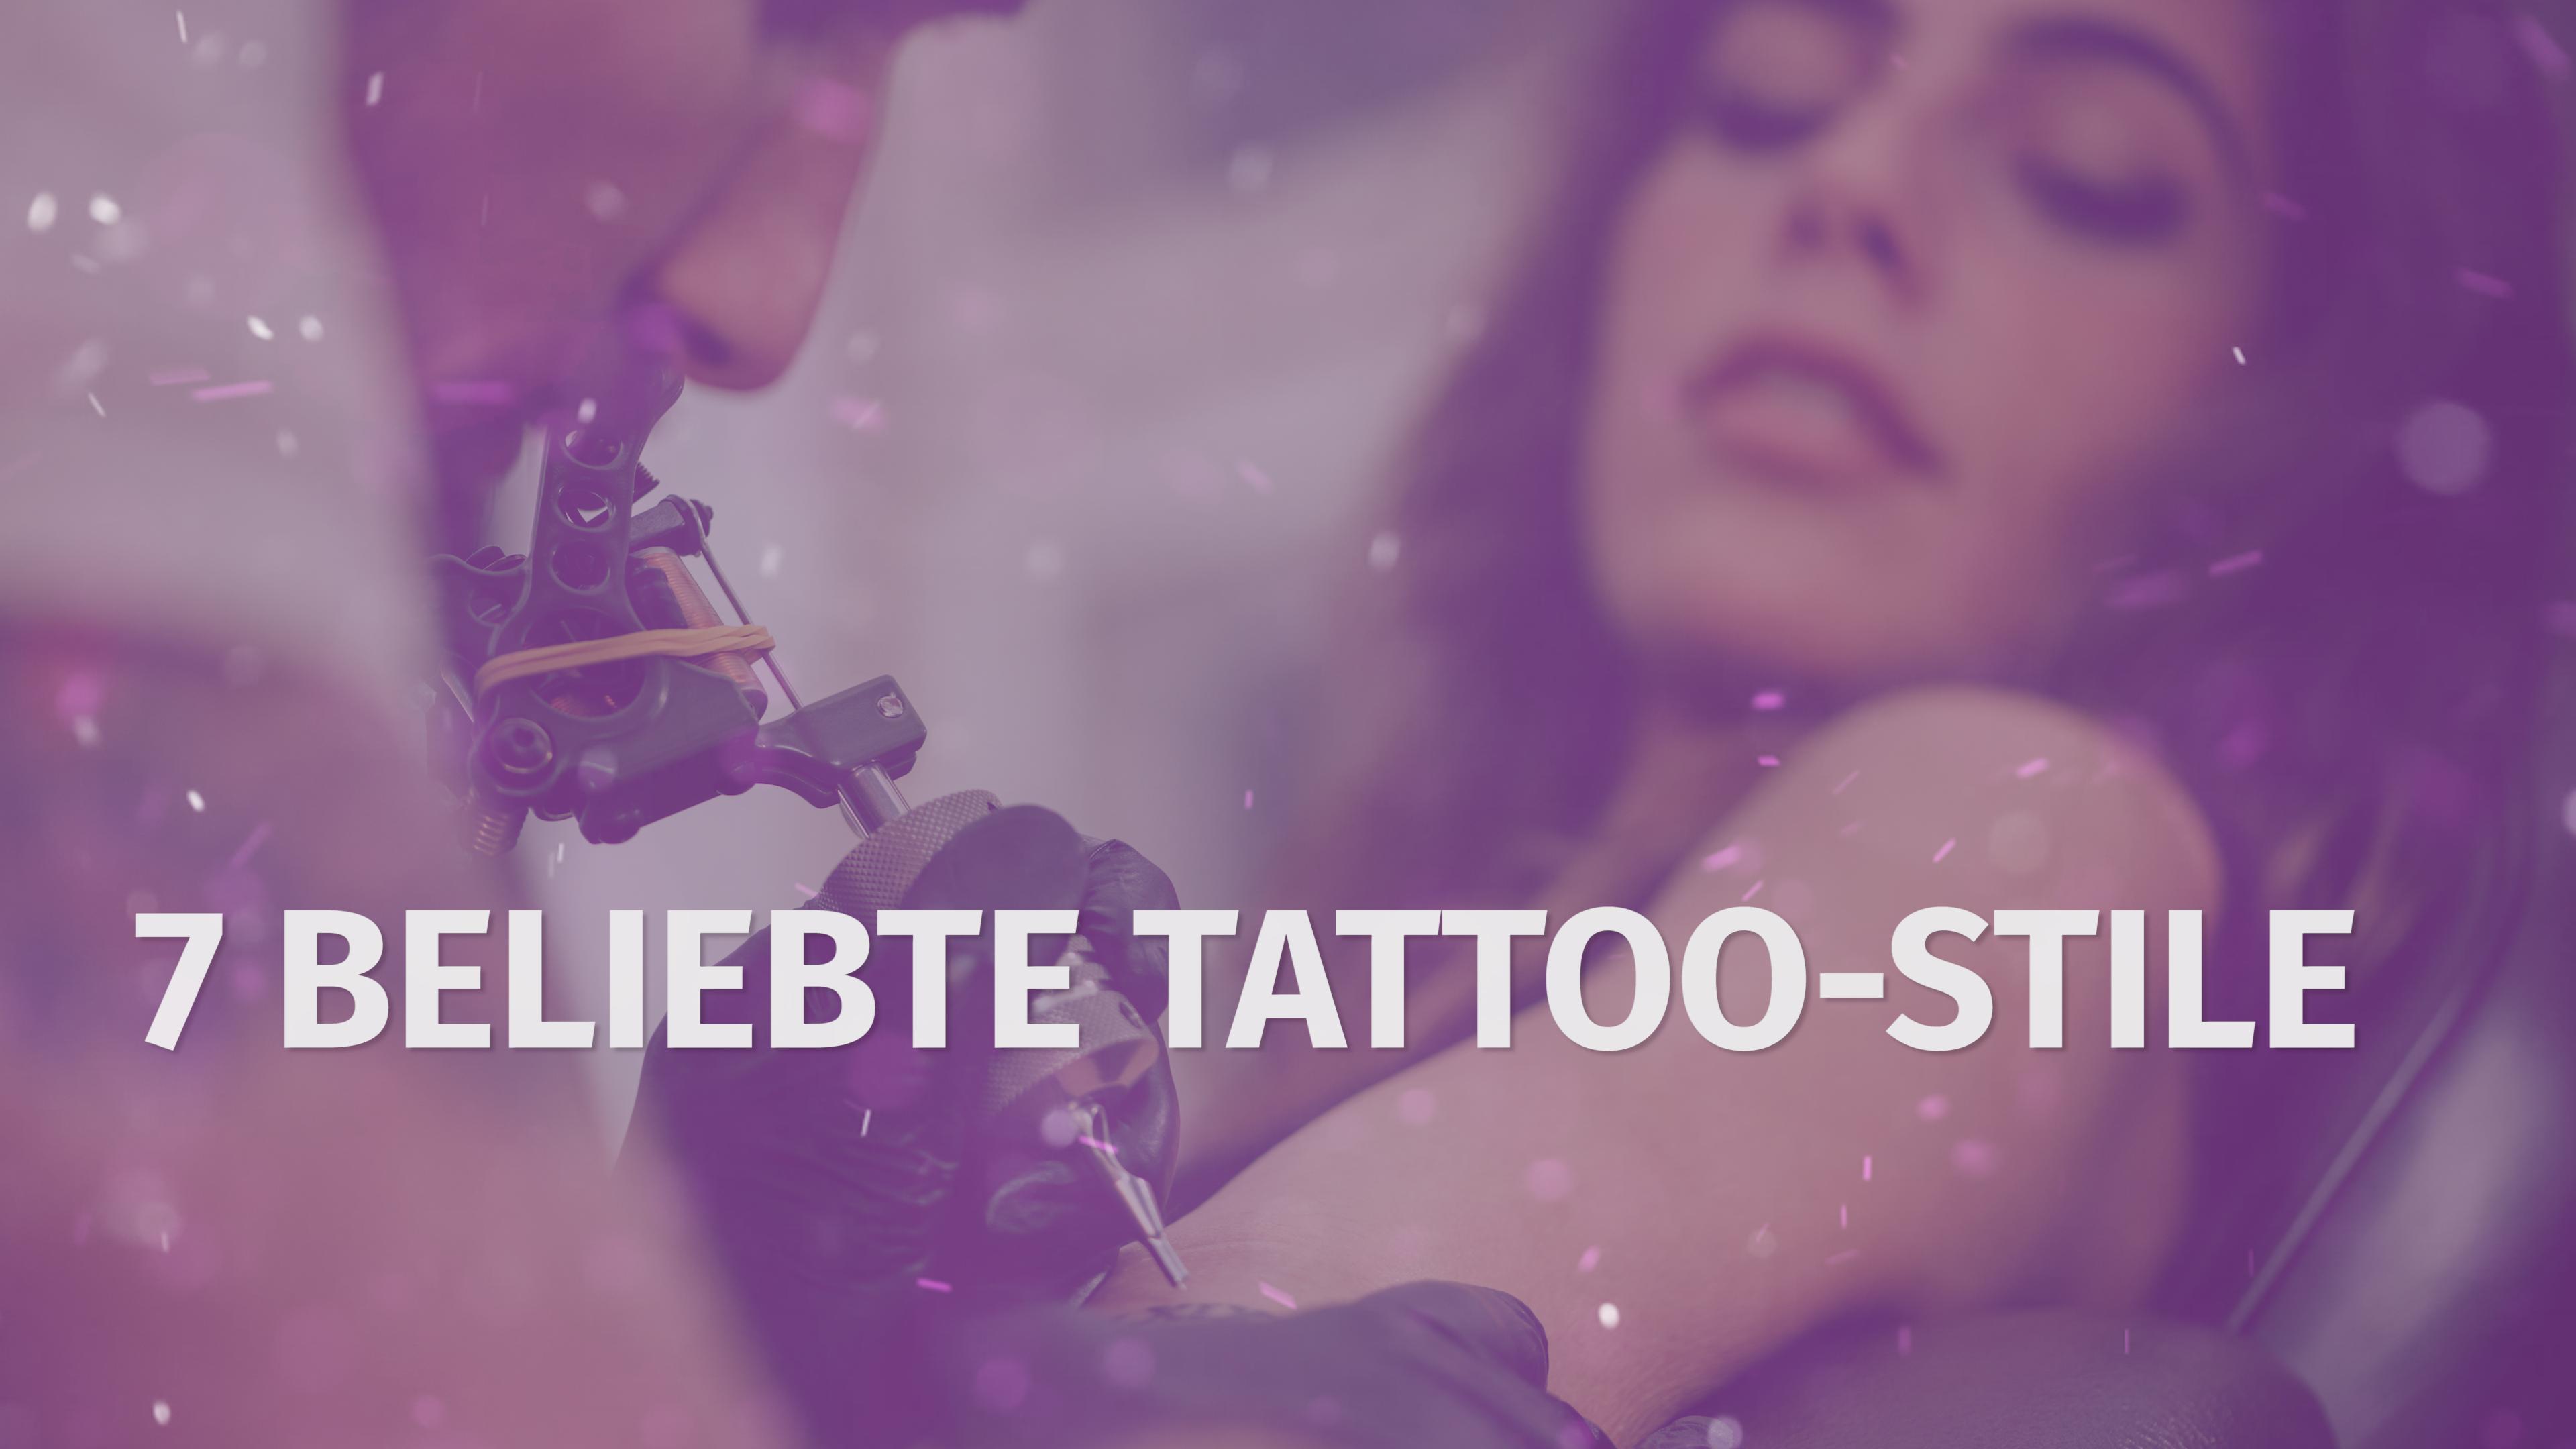 Mit freiheit mann bedeutung tattoos 29 Schmetterling